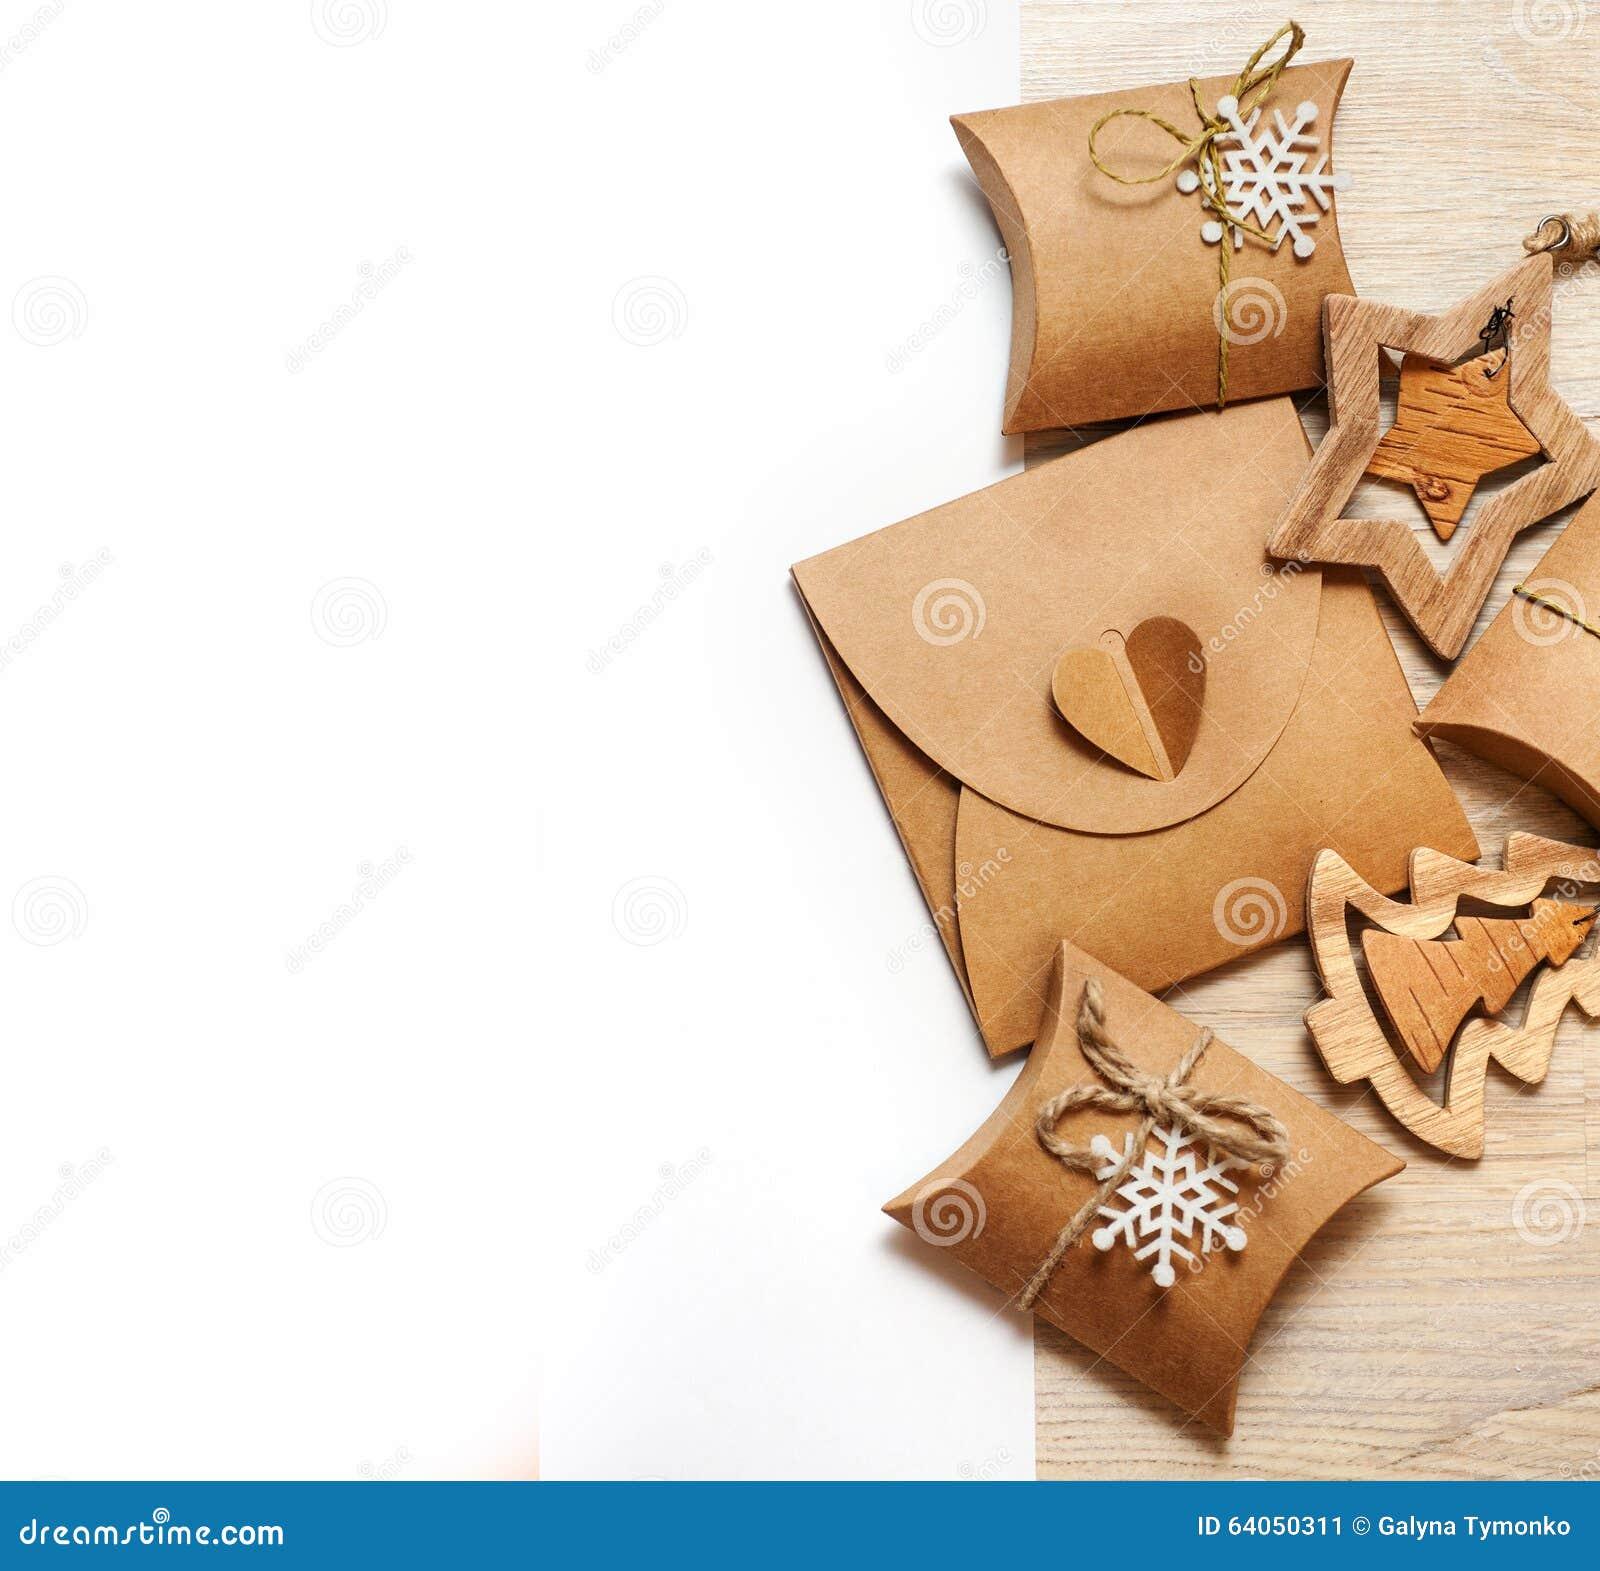 Juguetes y cajas de la navidad de madera hechos a mano - Regalos a mano ...